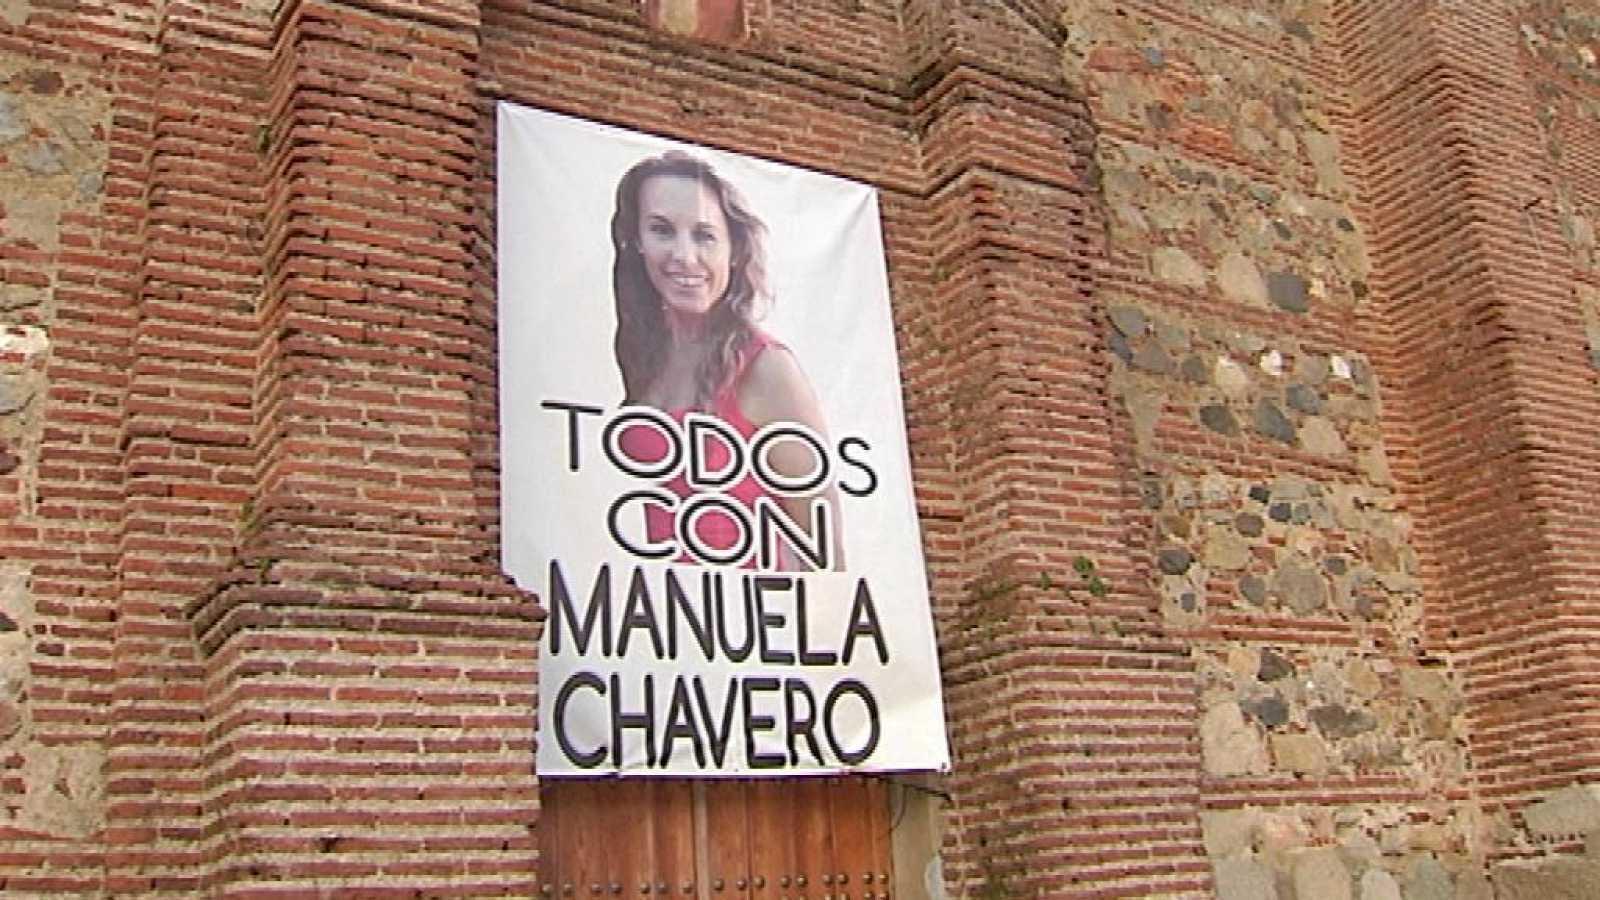 Momentos de tensión en la reconstrucción del acusado de matar a Manuela Chavero